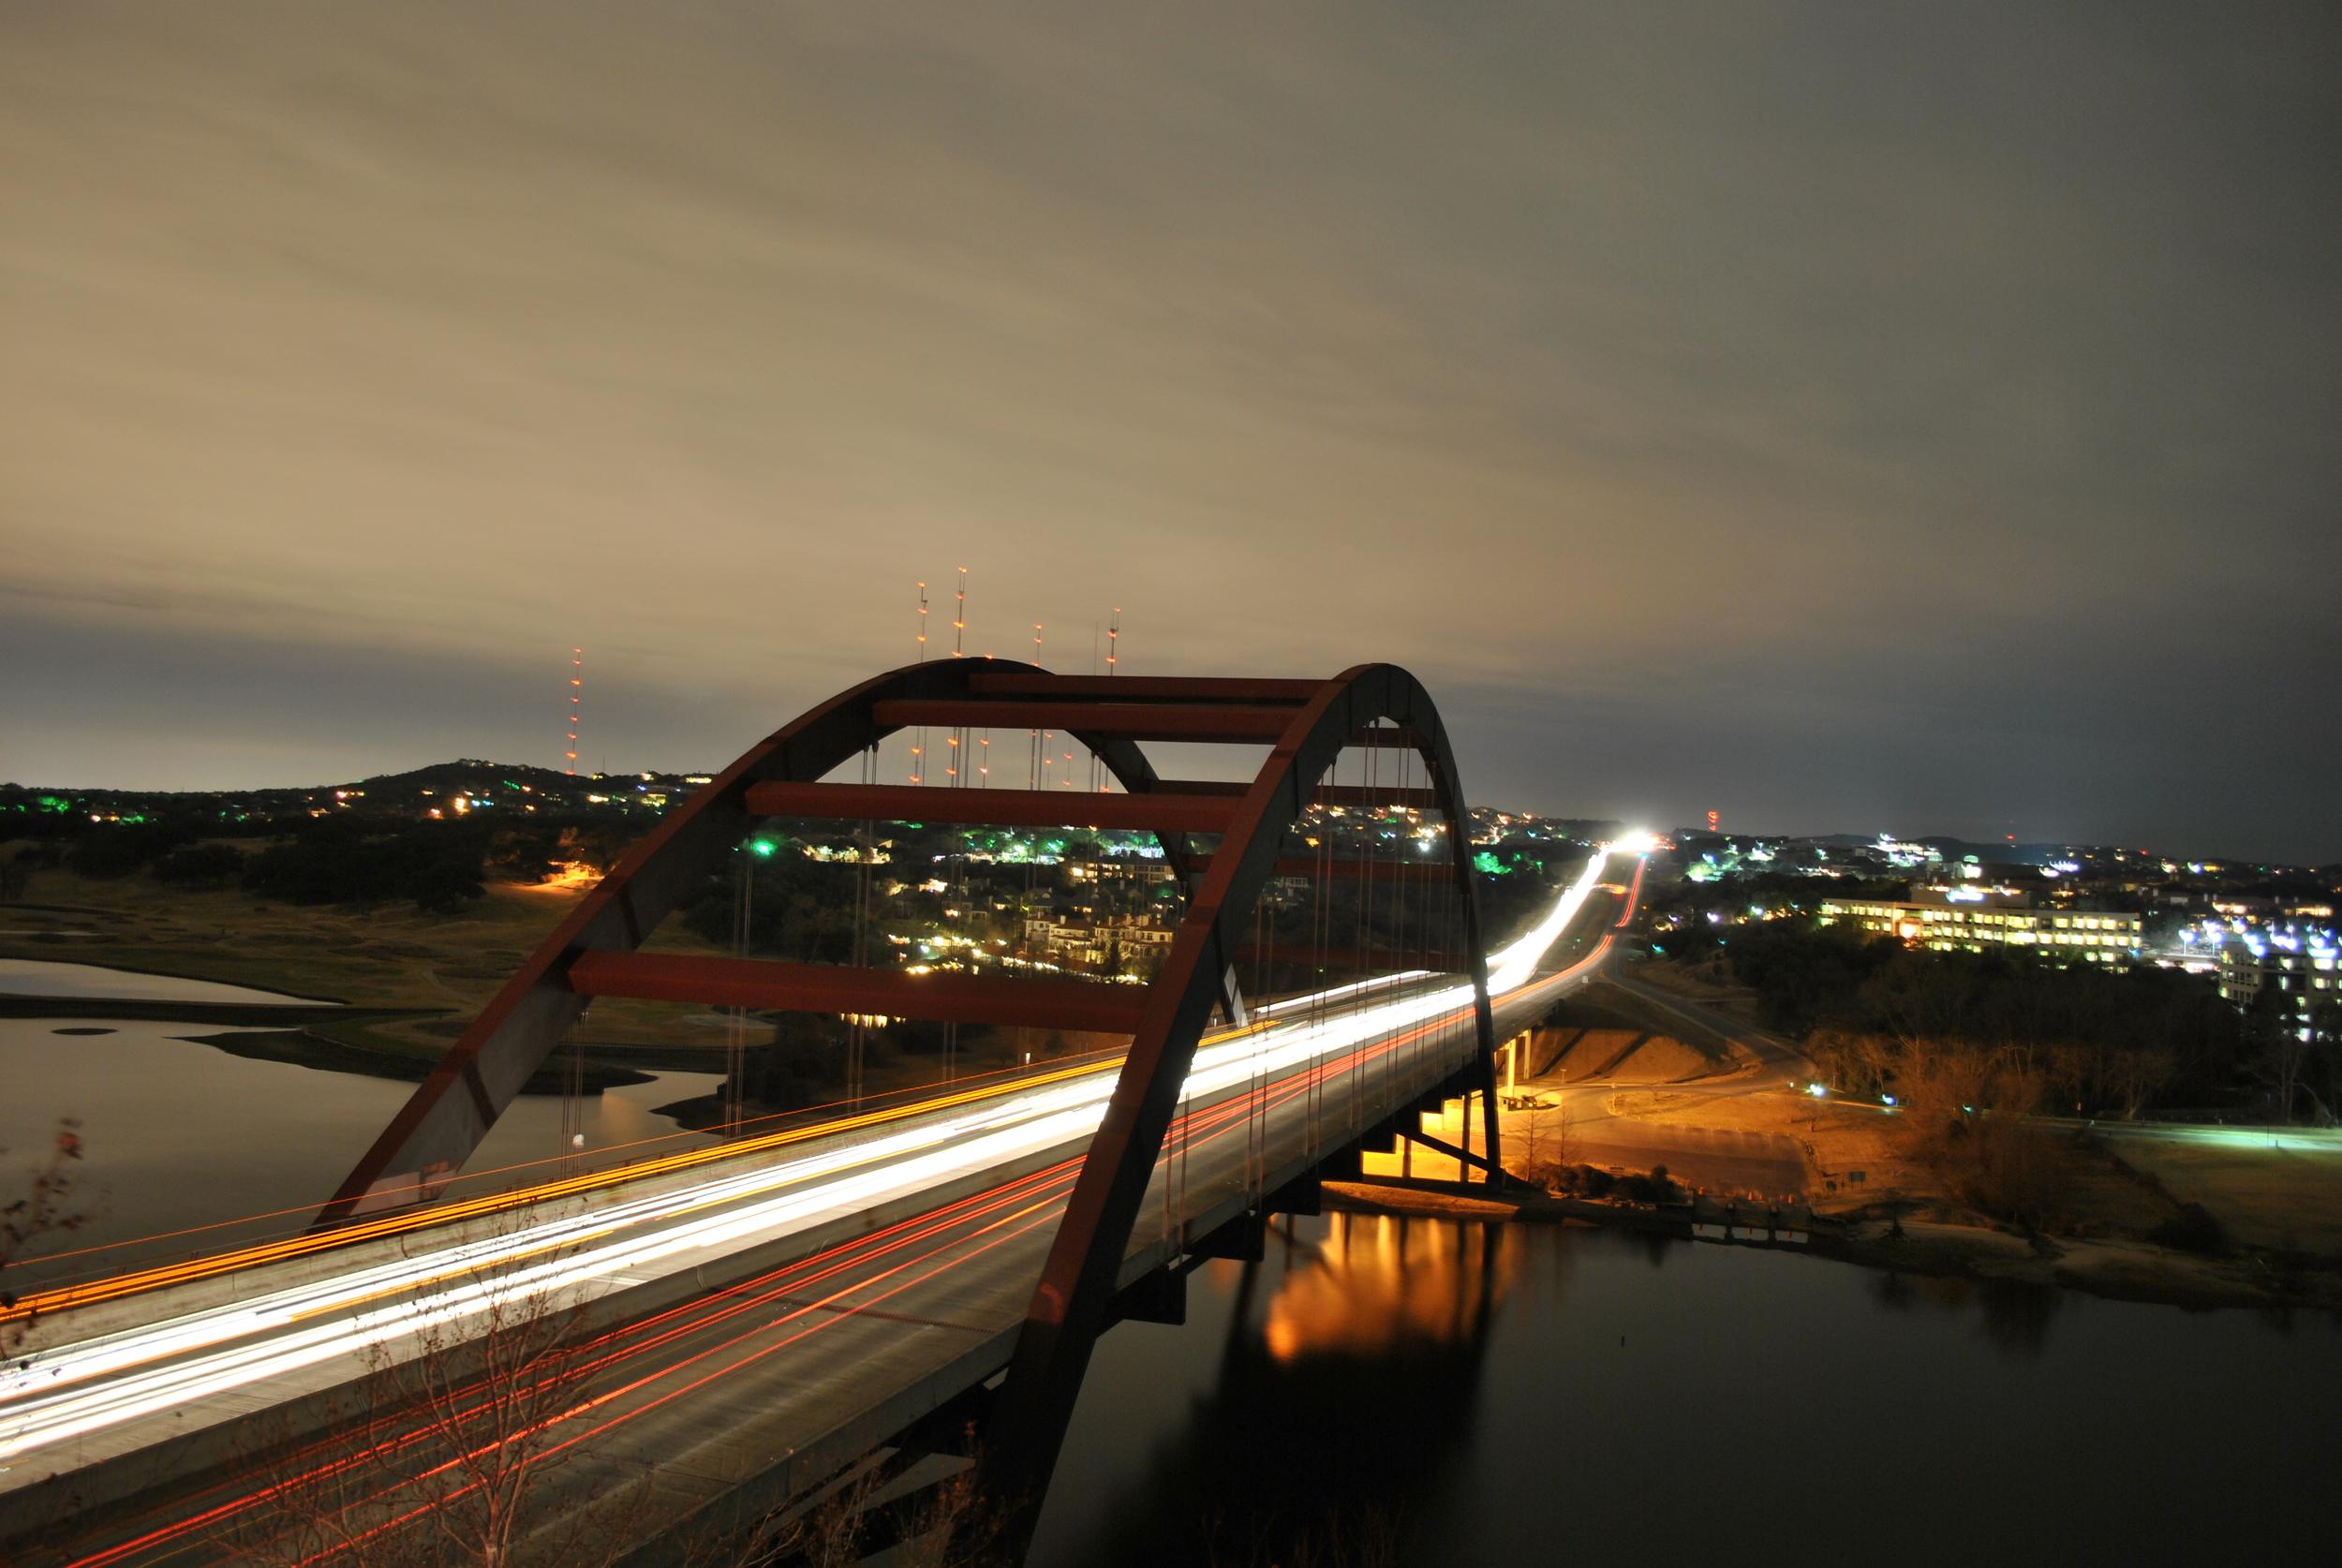 Pennybacker Bridge | Austin, TX |Taken with Nikon D3000 (Digital)